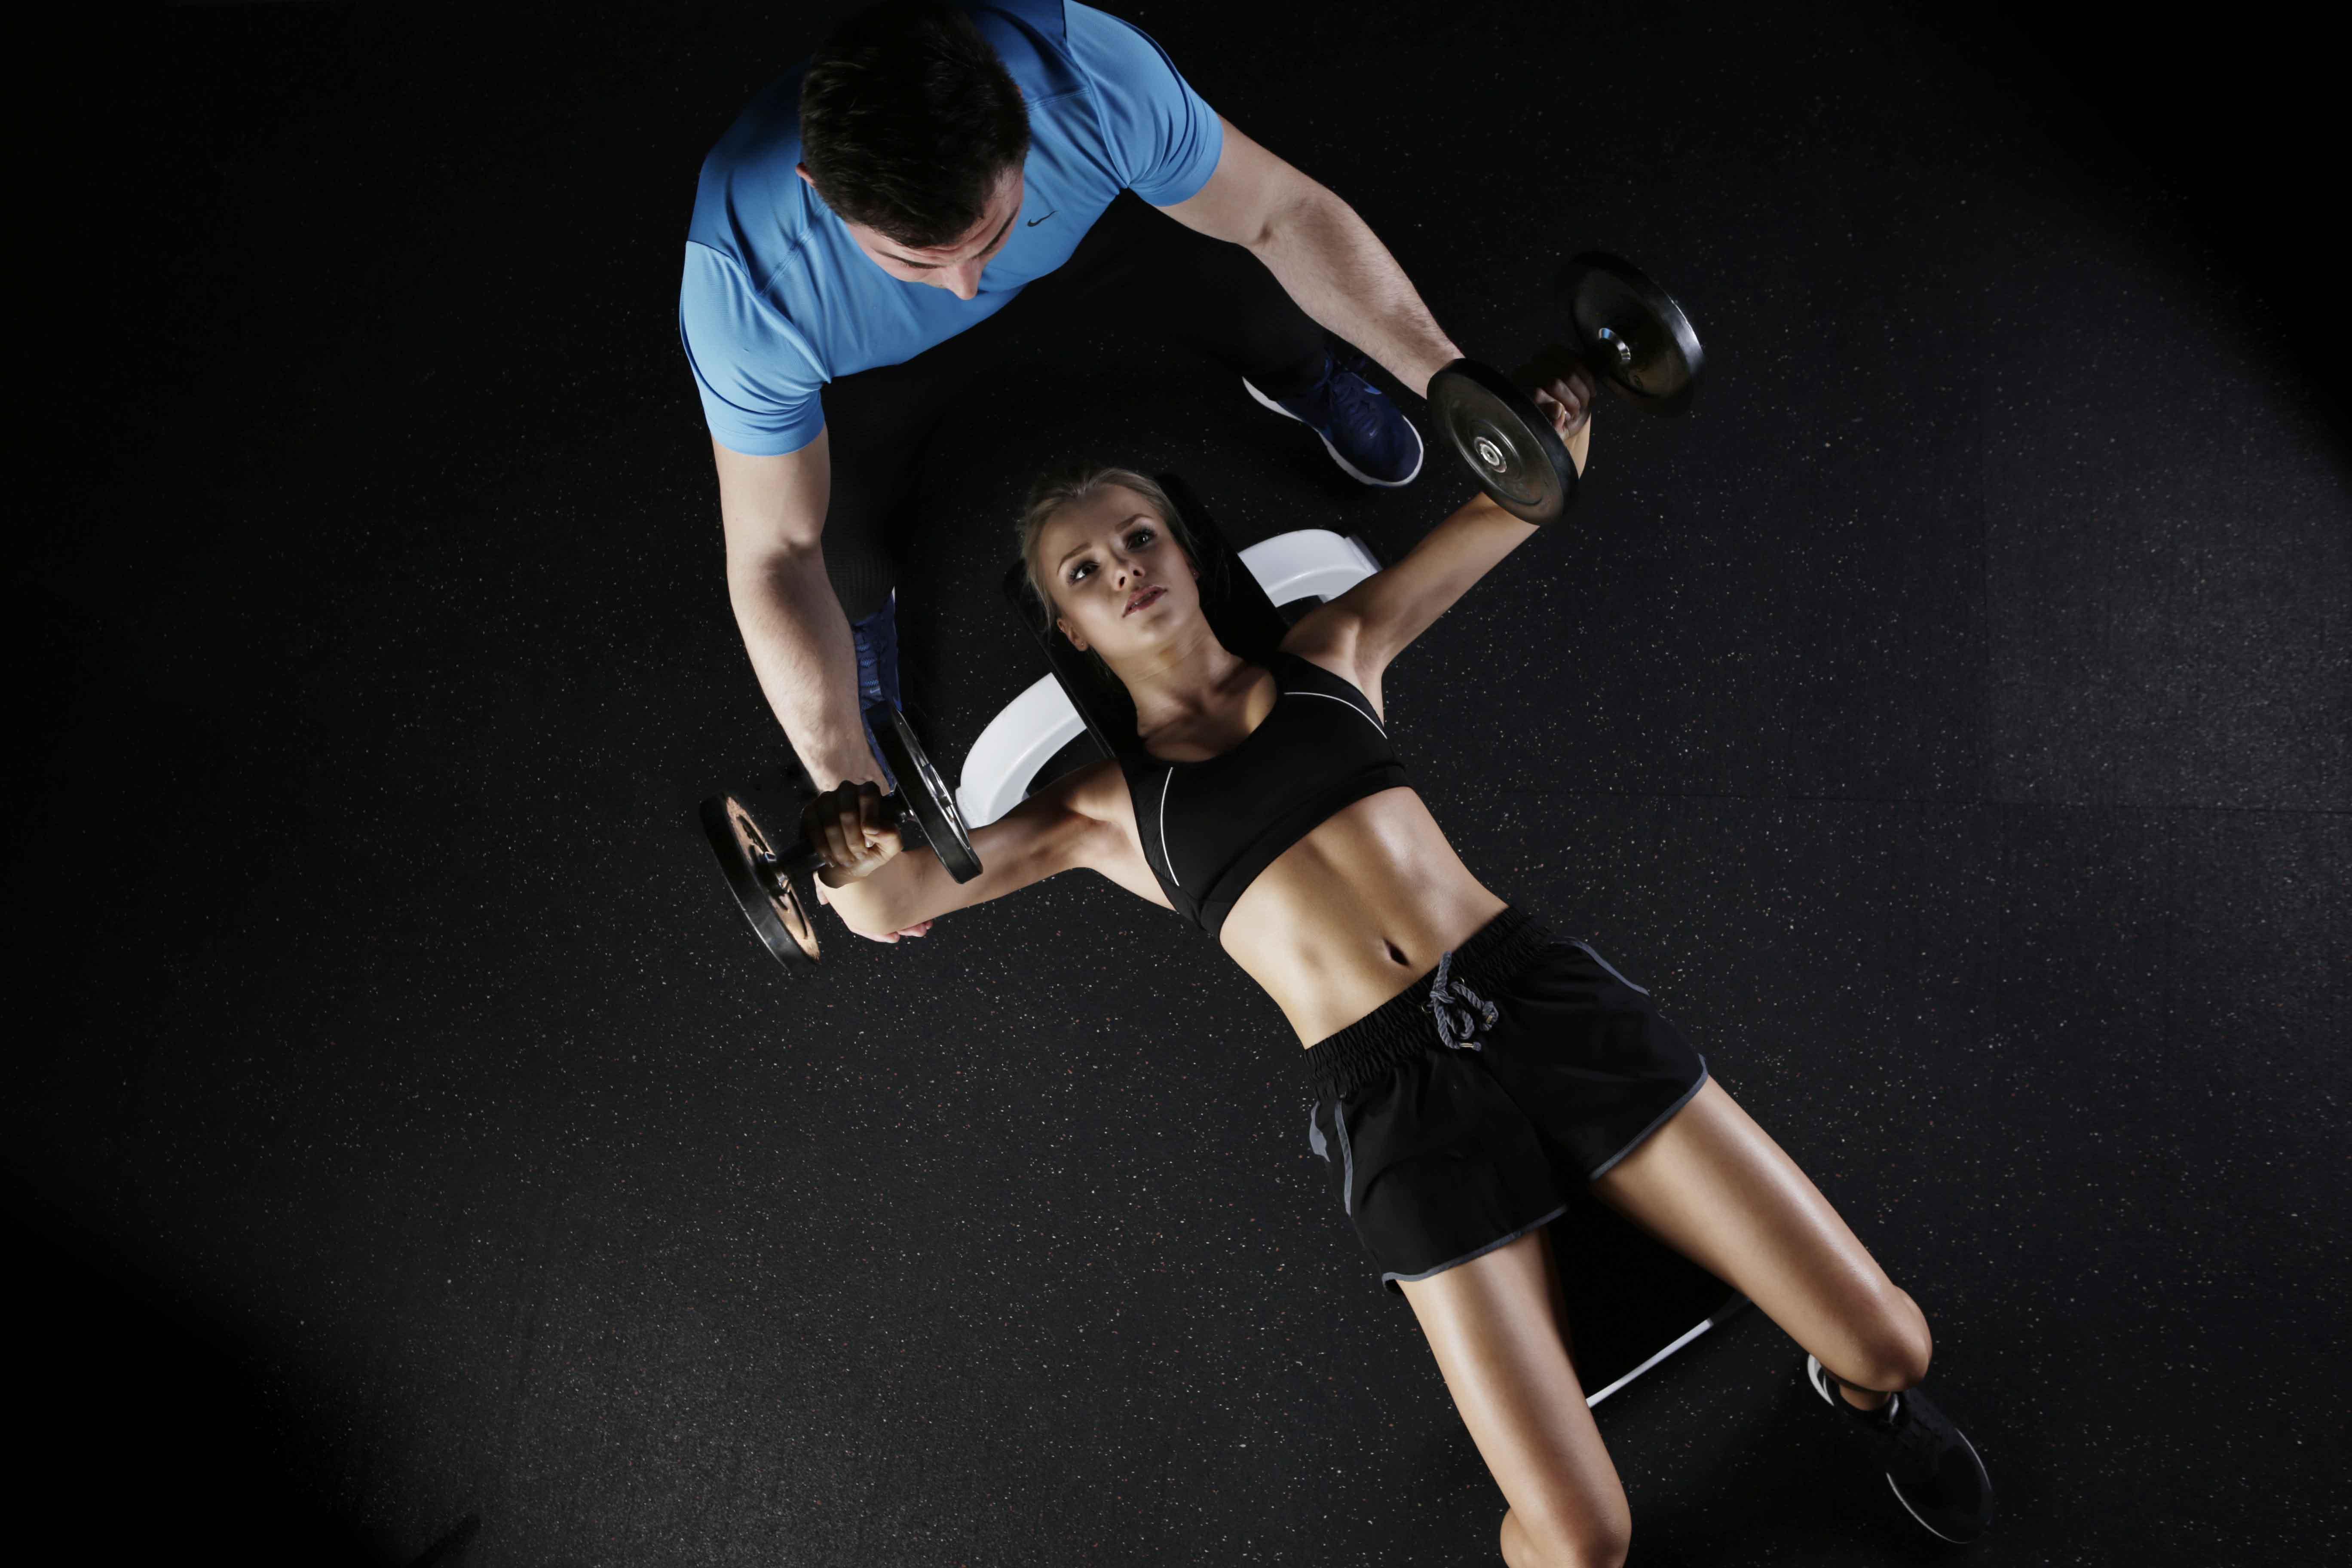 entrenador personal ayudando a chica